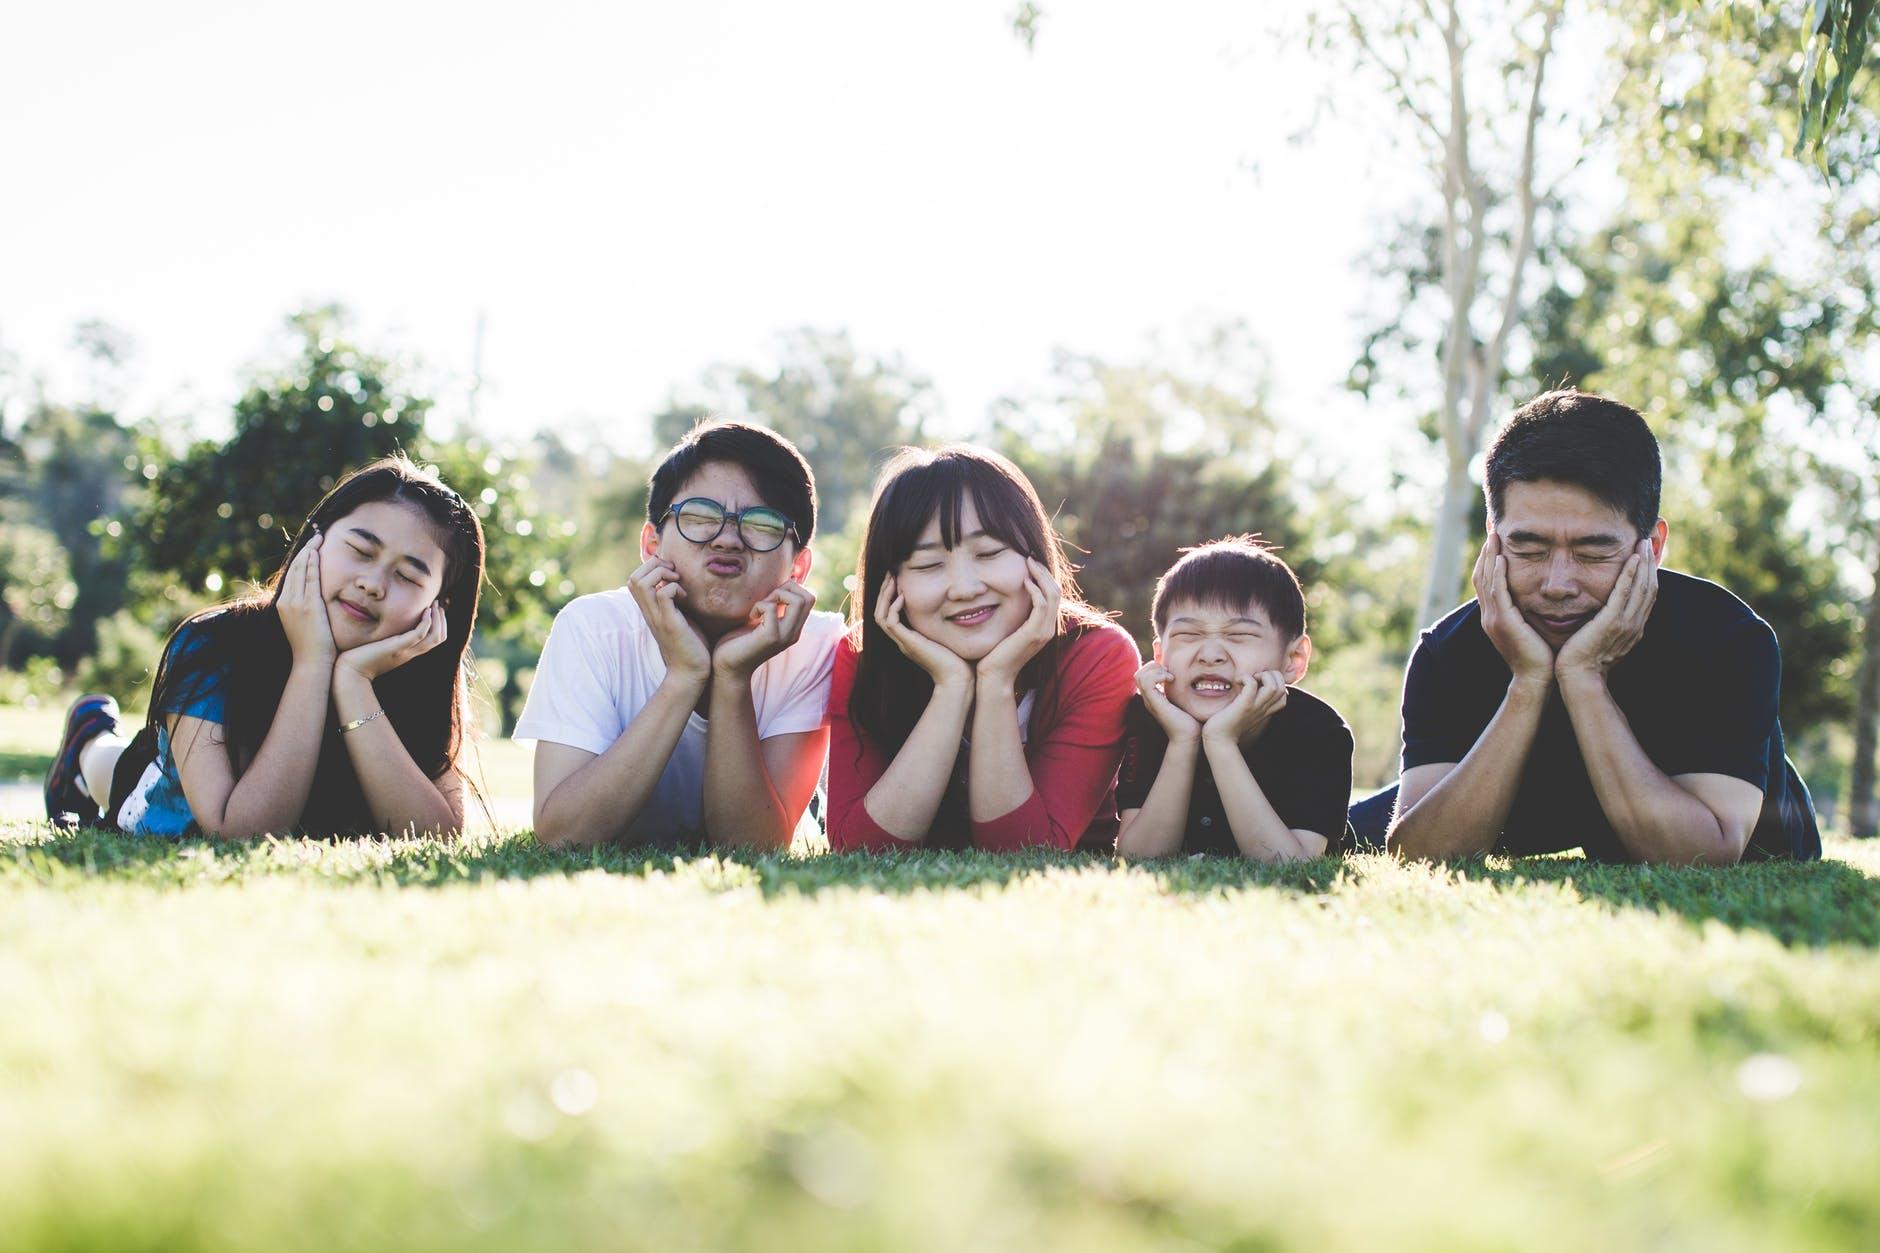 Парламент Китая одобрил поправку, разрешающую семьям заводить трёх детей